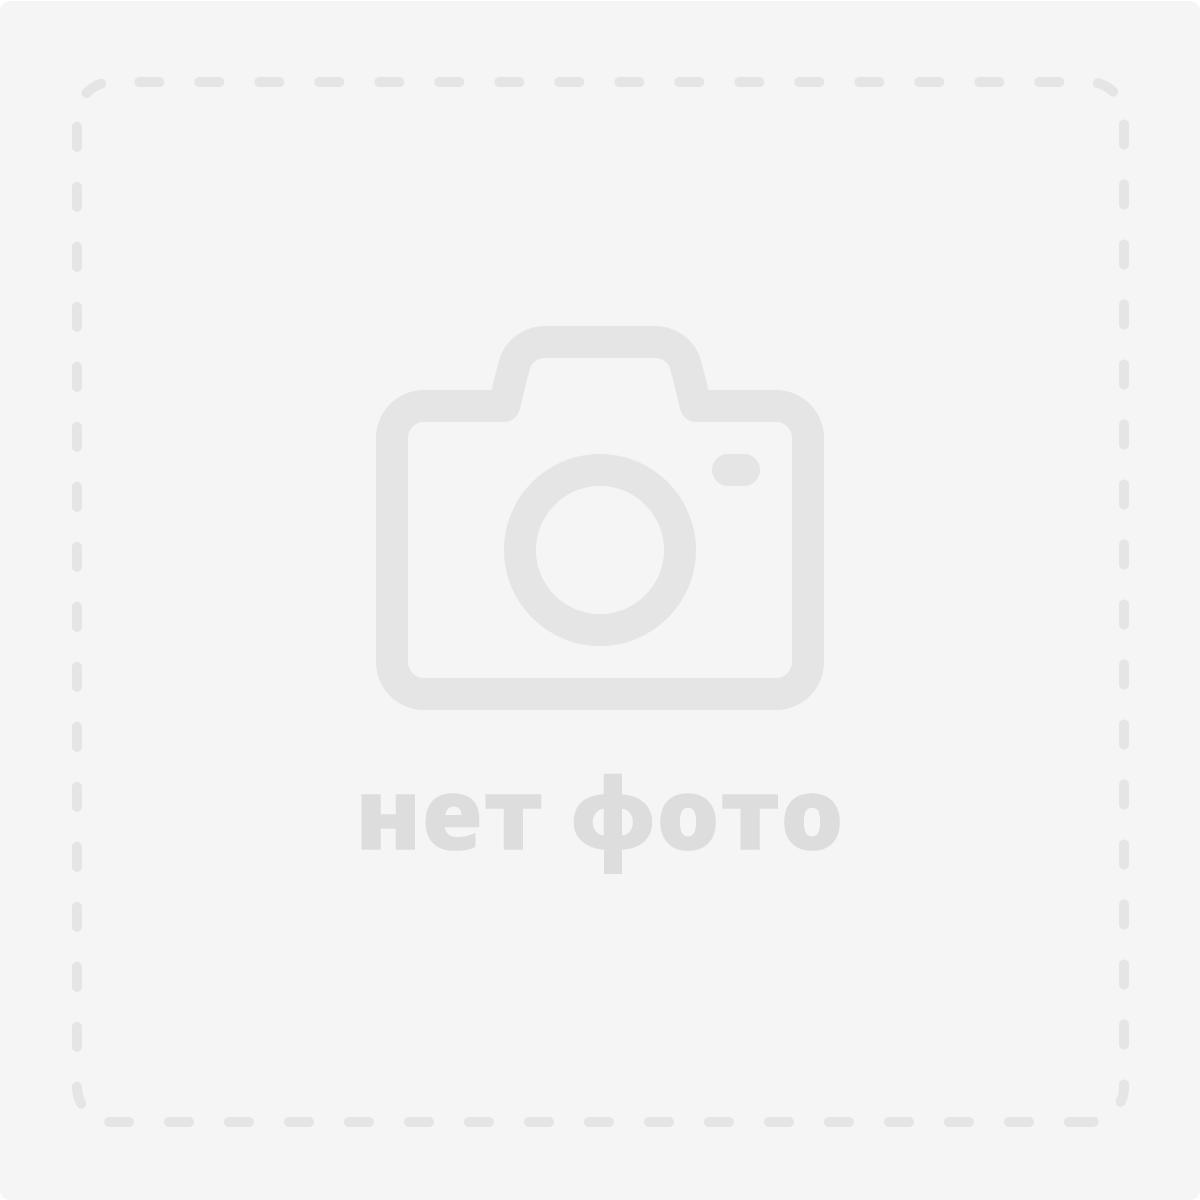 Редкую золотую монету «Царская дорога» приобрели в Братске